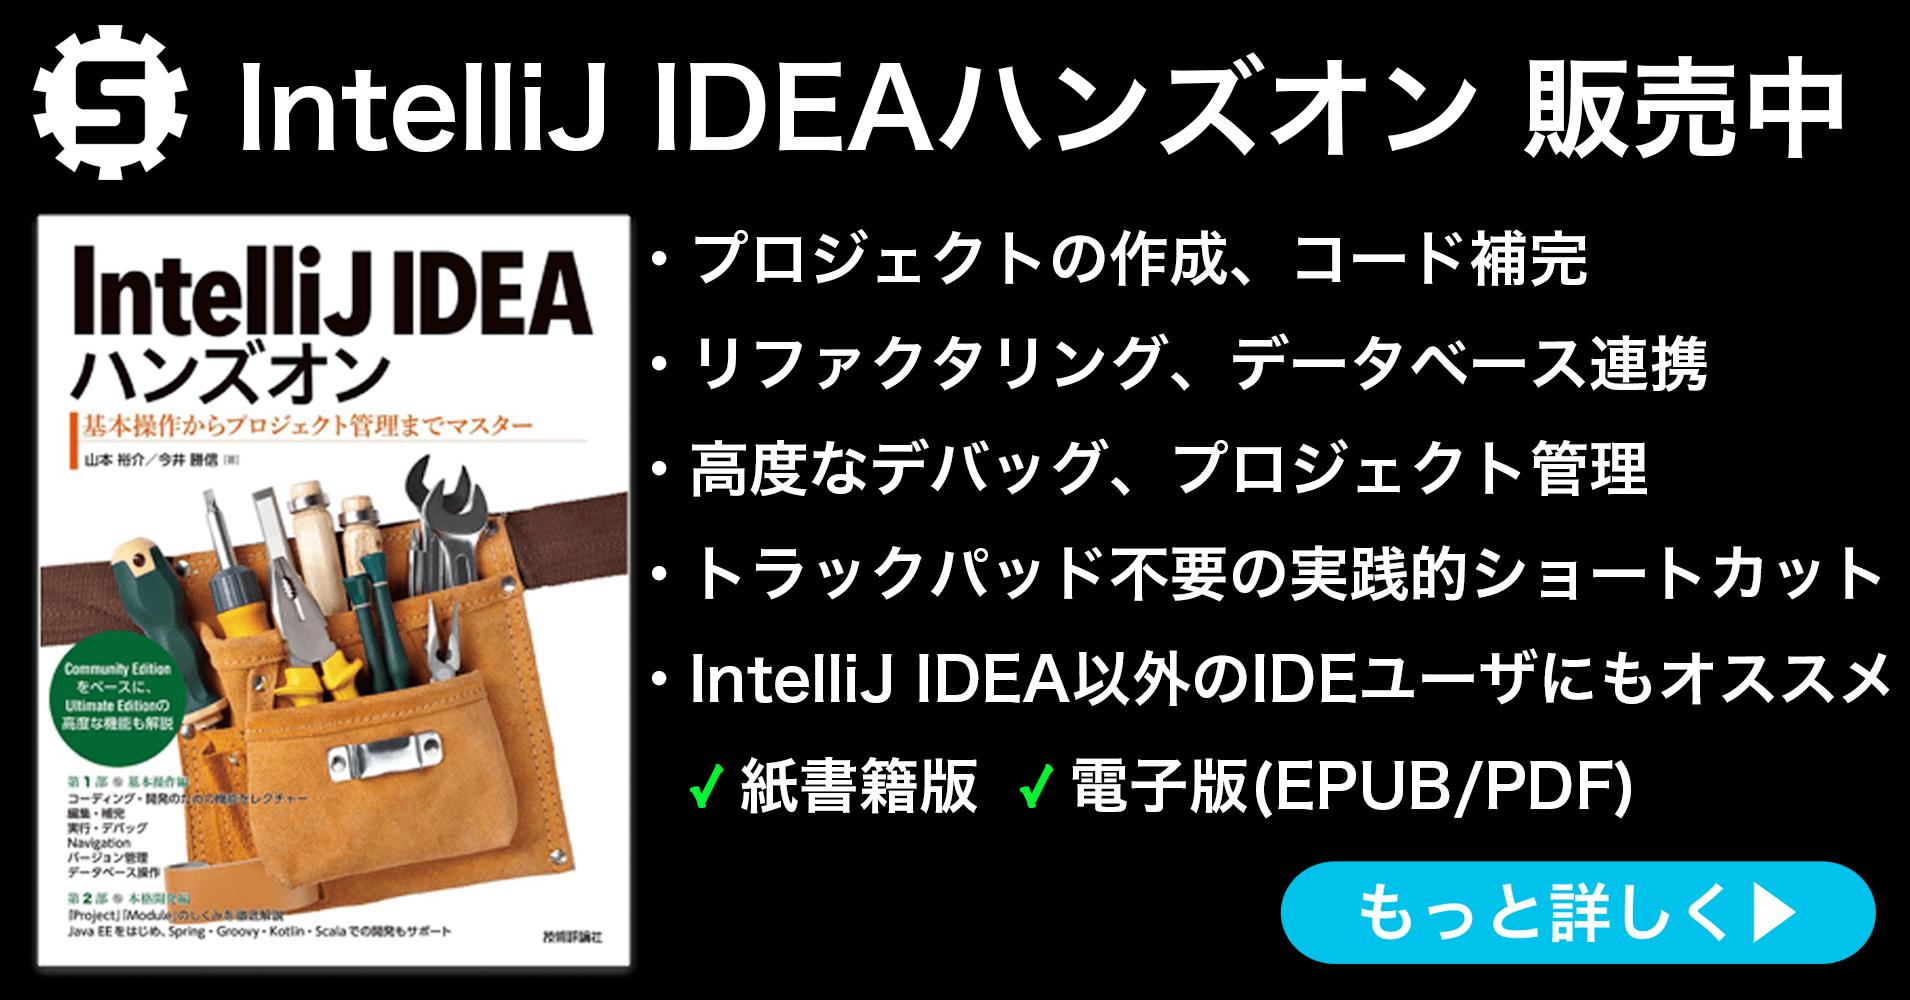 書籍「IntelliJ IDEAハンズオン」を販売開始いたしました